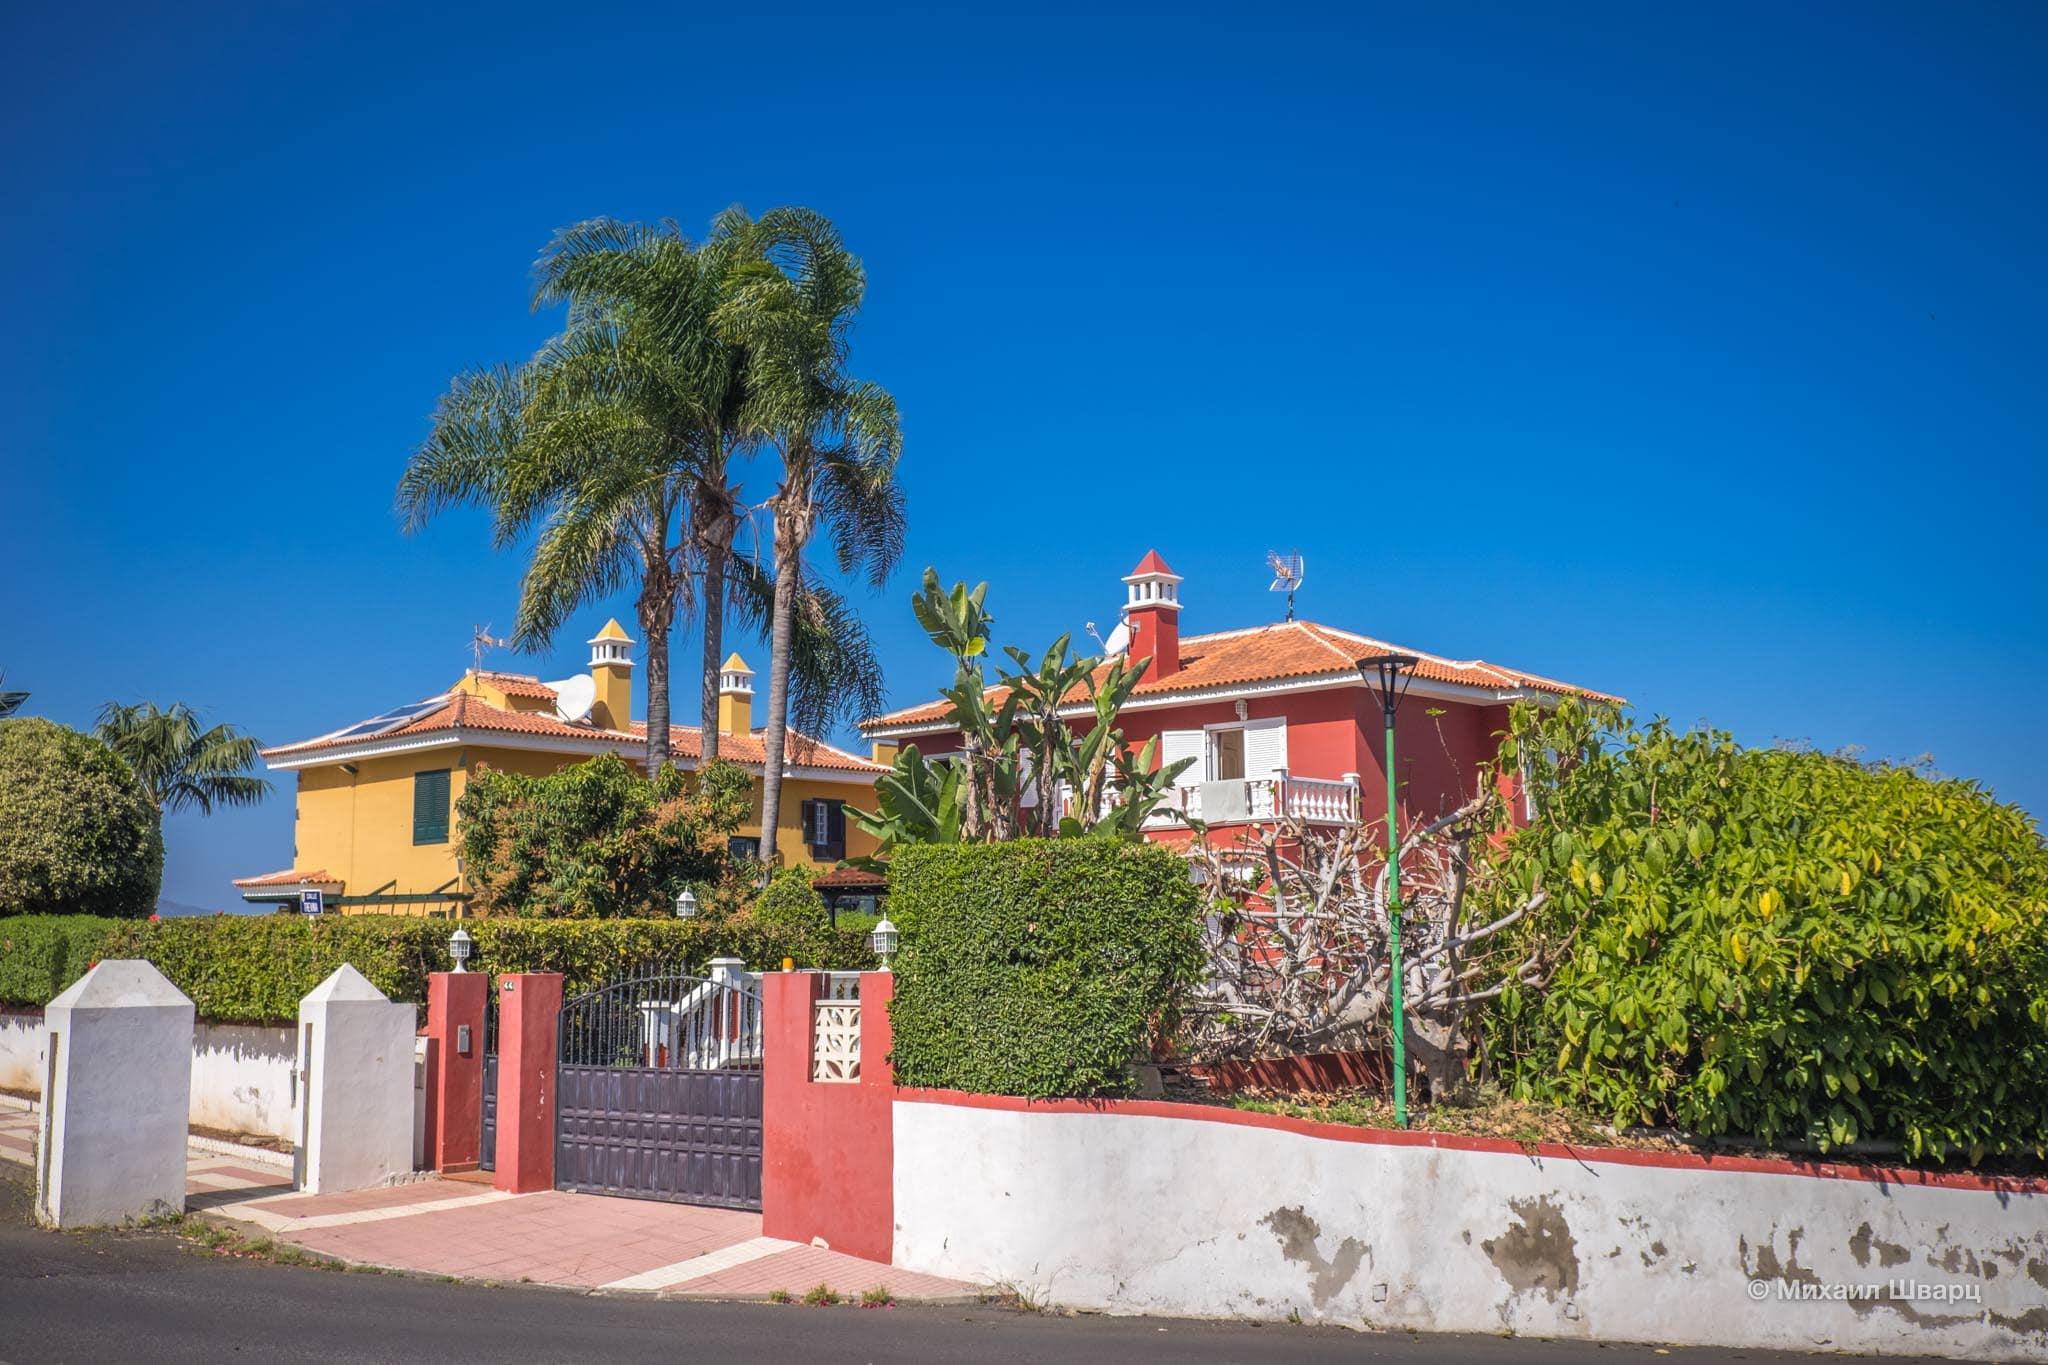 Купить недвижимость в испании недорого фото с дубая дома